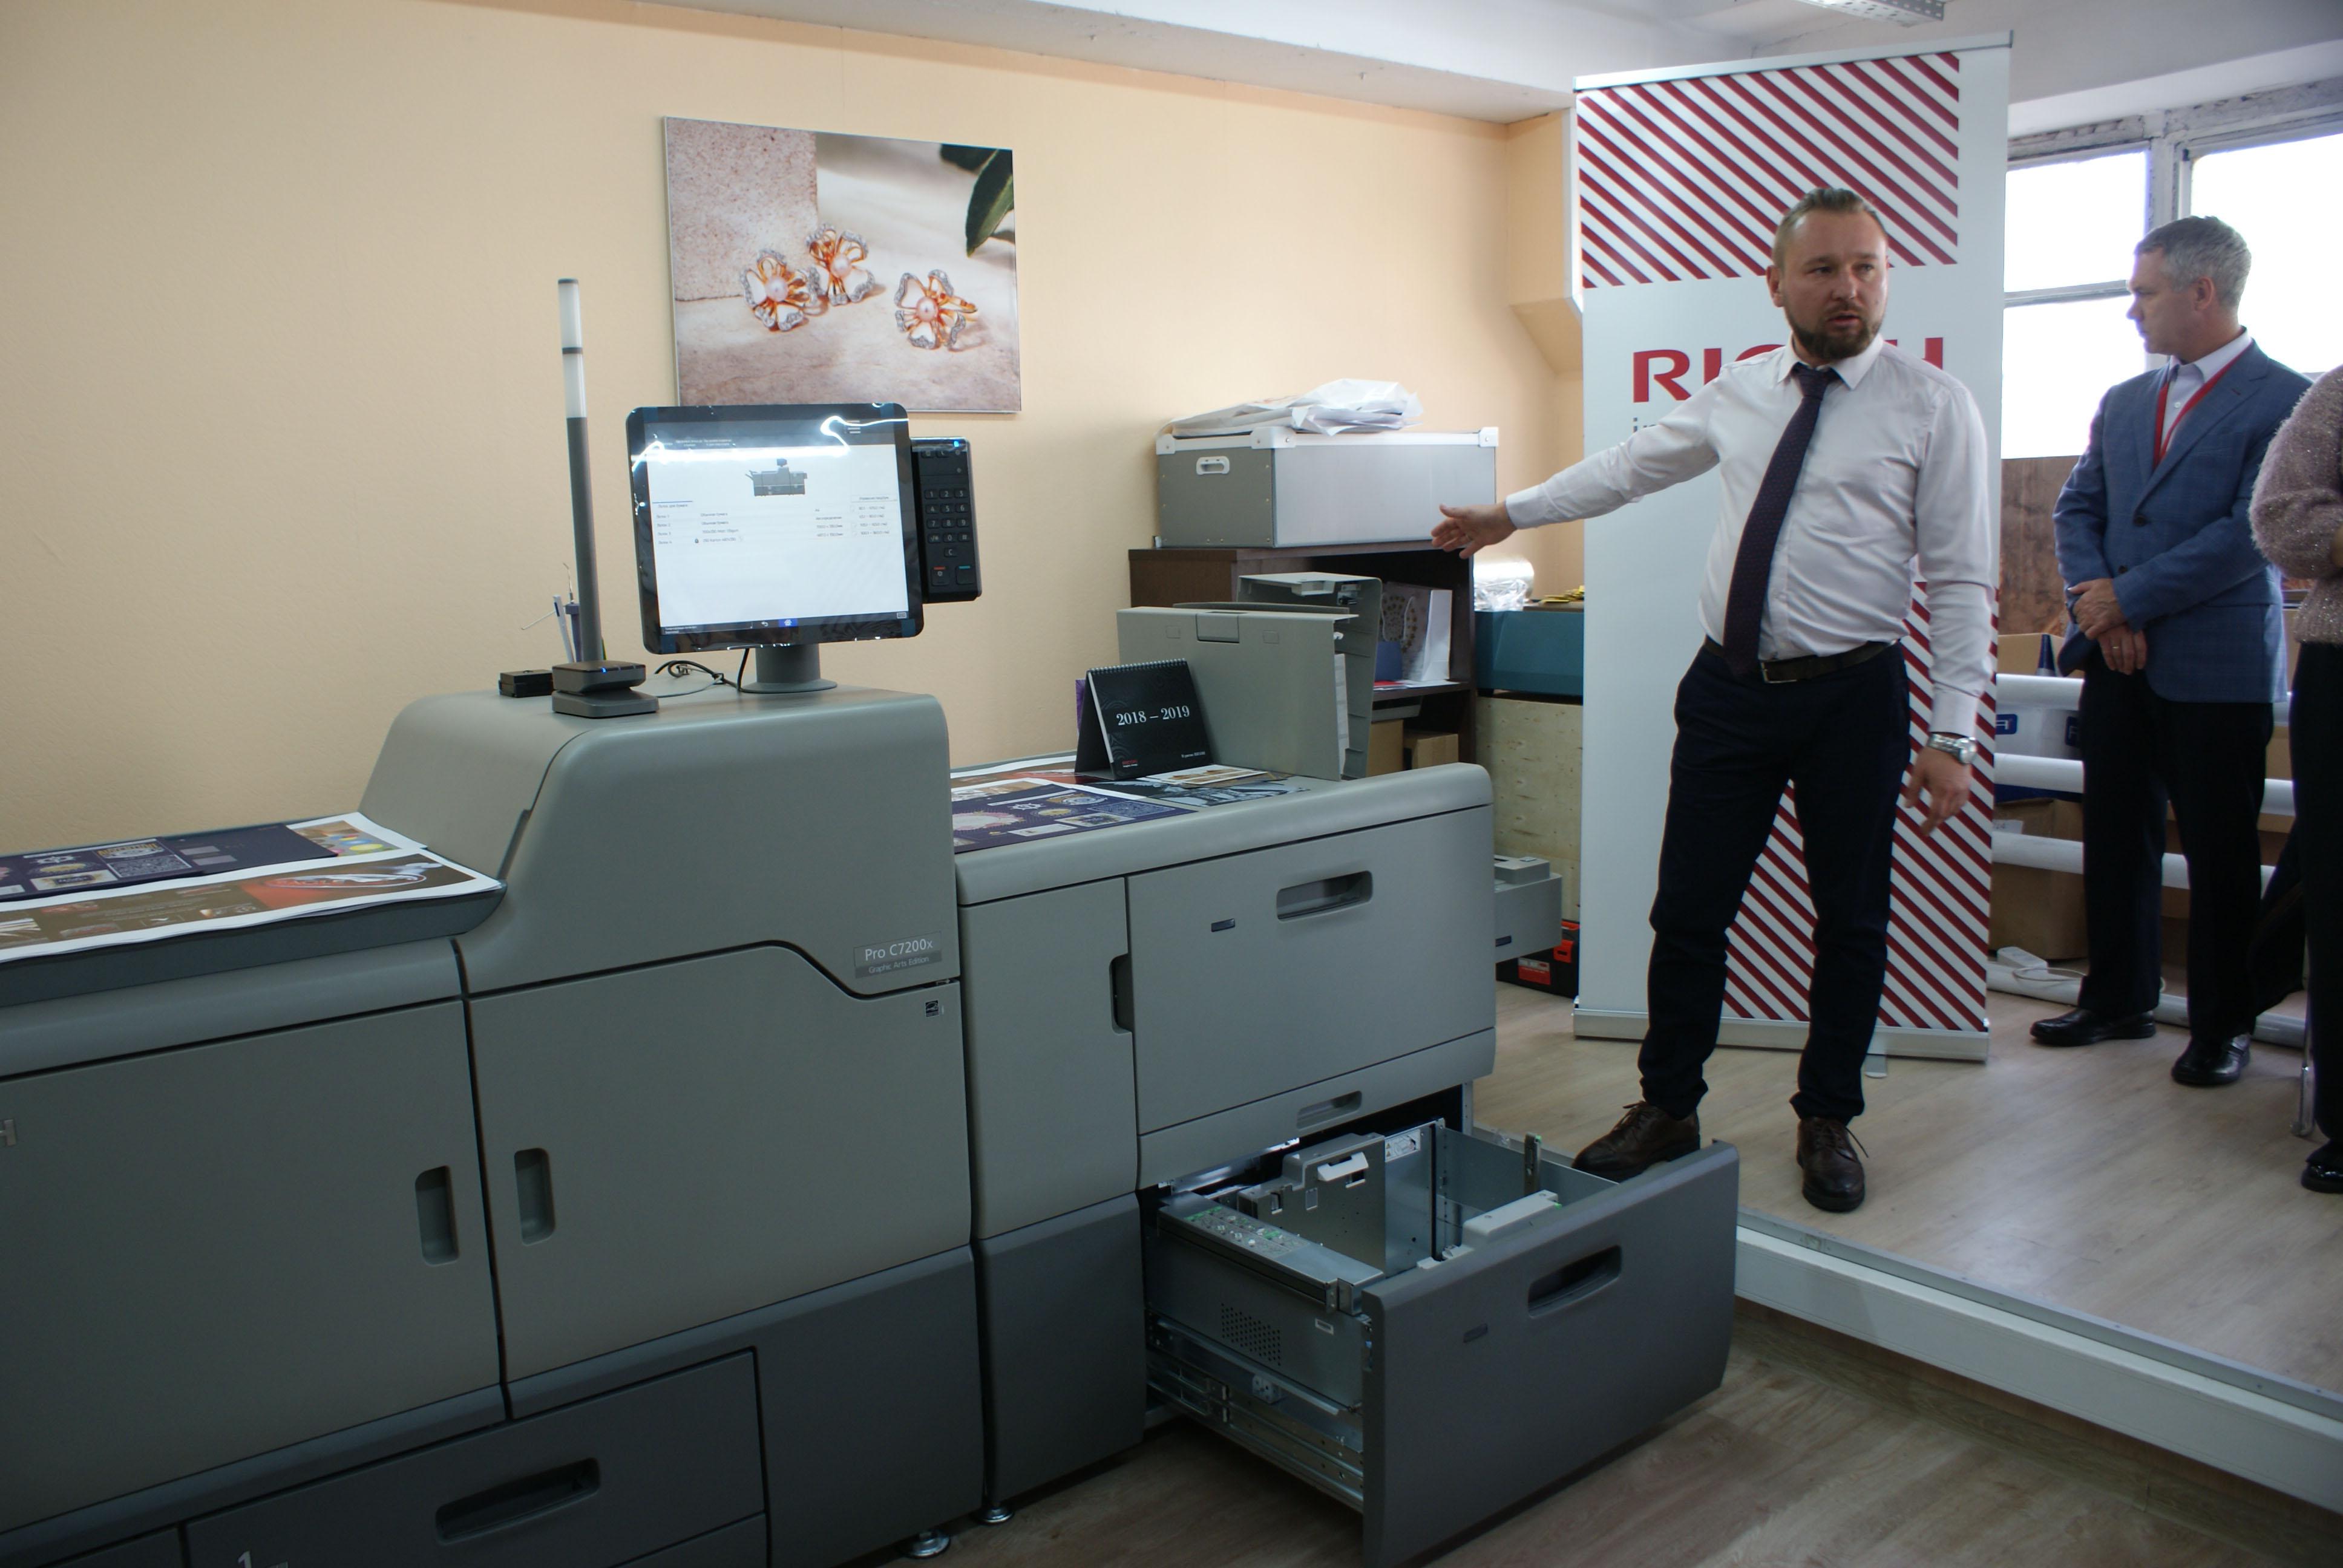 презентация нашей новой печатной ЦПМ Ricoh Pro C7200x